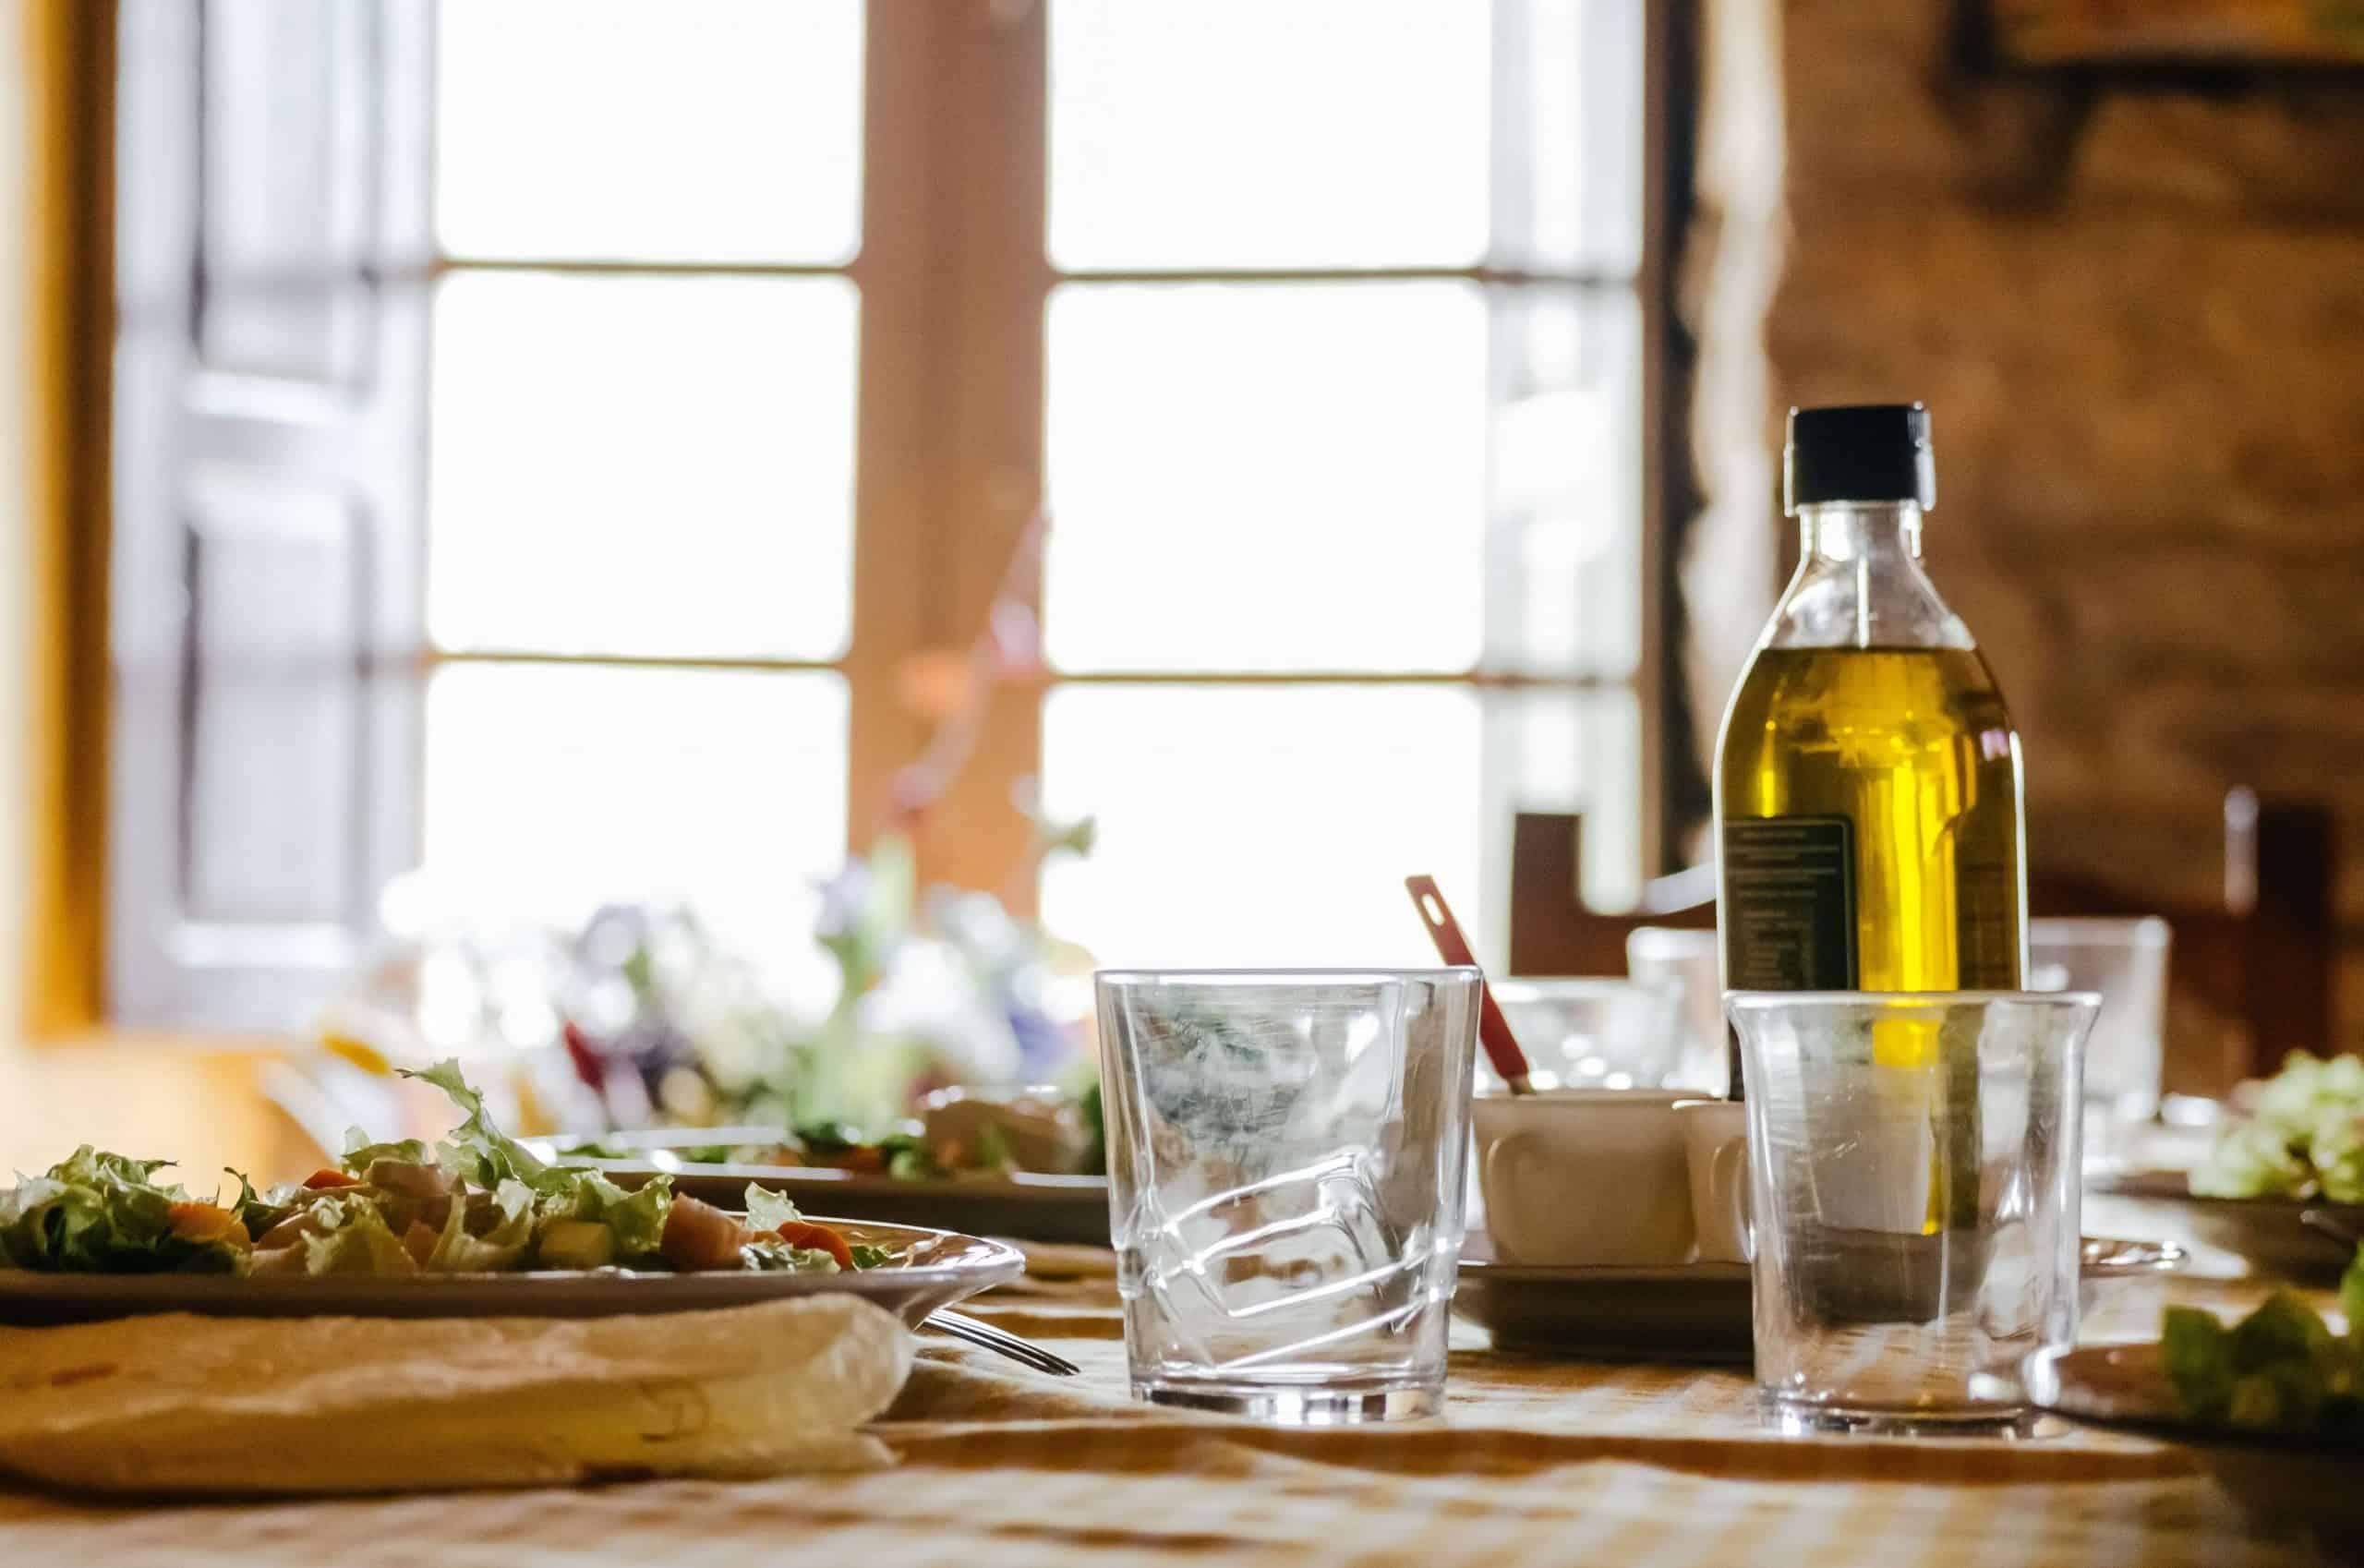 azeite-oliva